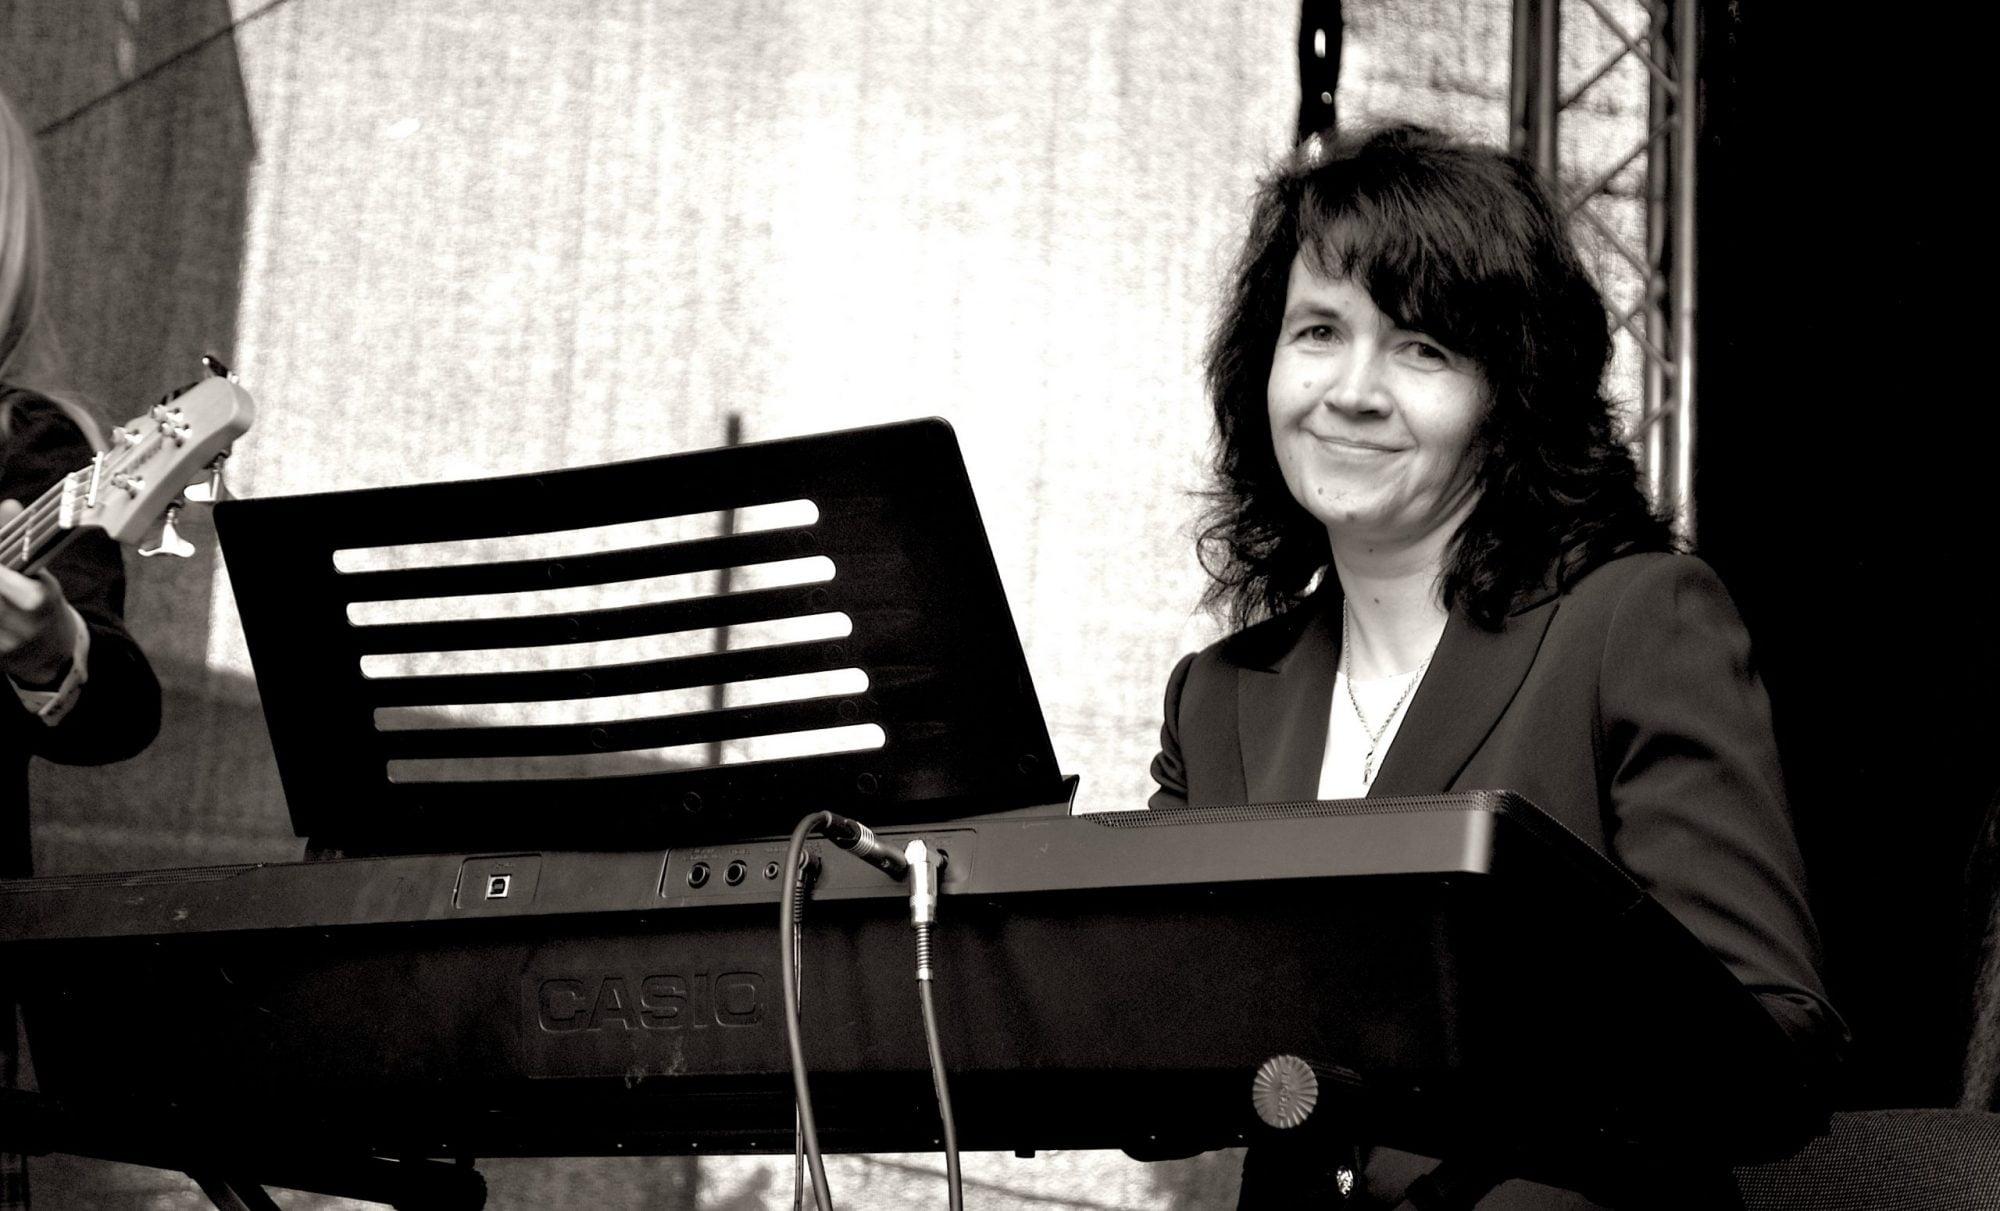 Muzikos mokytoja Jurgita Turlienė: mokykla namuose – ir išlieka mokykla